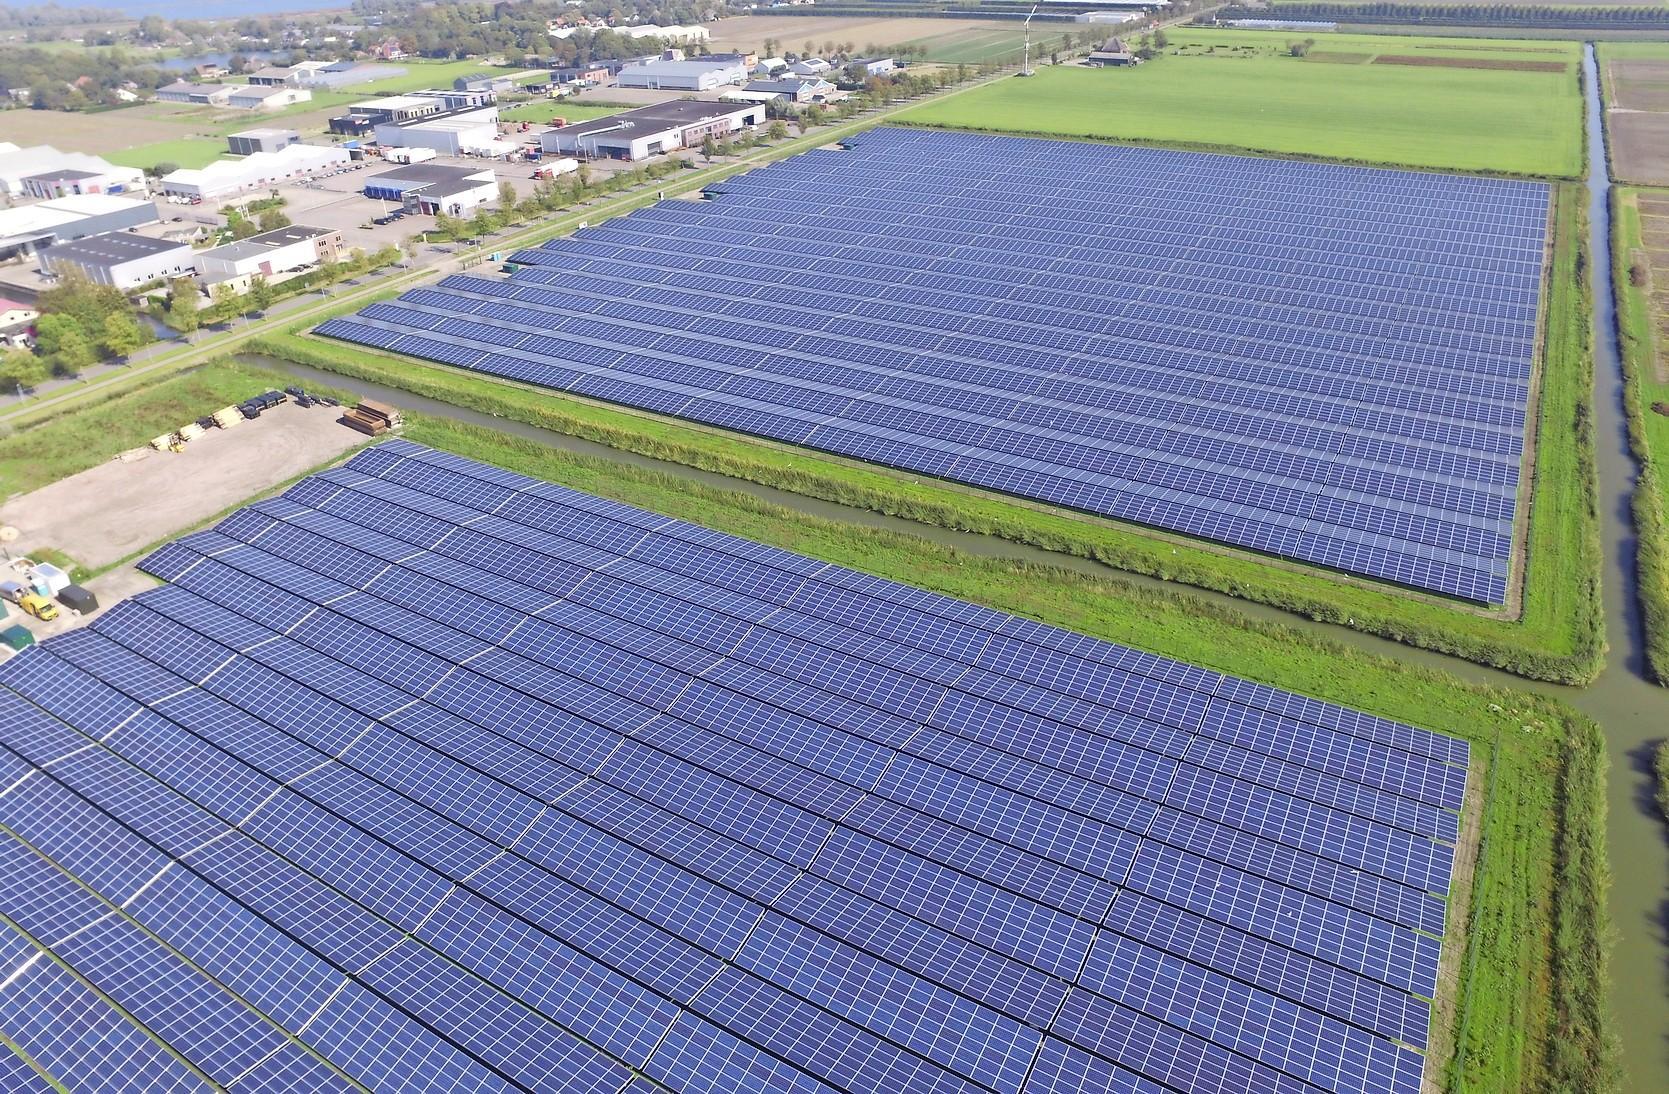 Extra windmolens en hectares zonnecollectoren zullen het landschap ingrijpend veranderen. Hoe pakt het Klimaatakkoord uit voor de Noordkop?